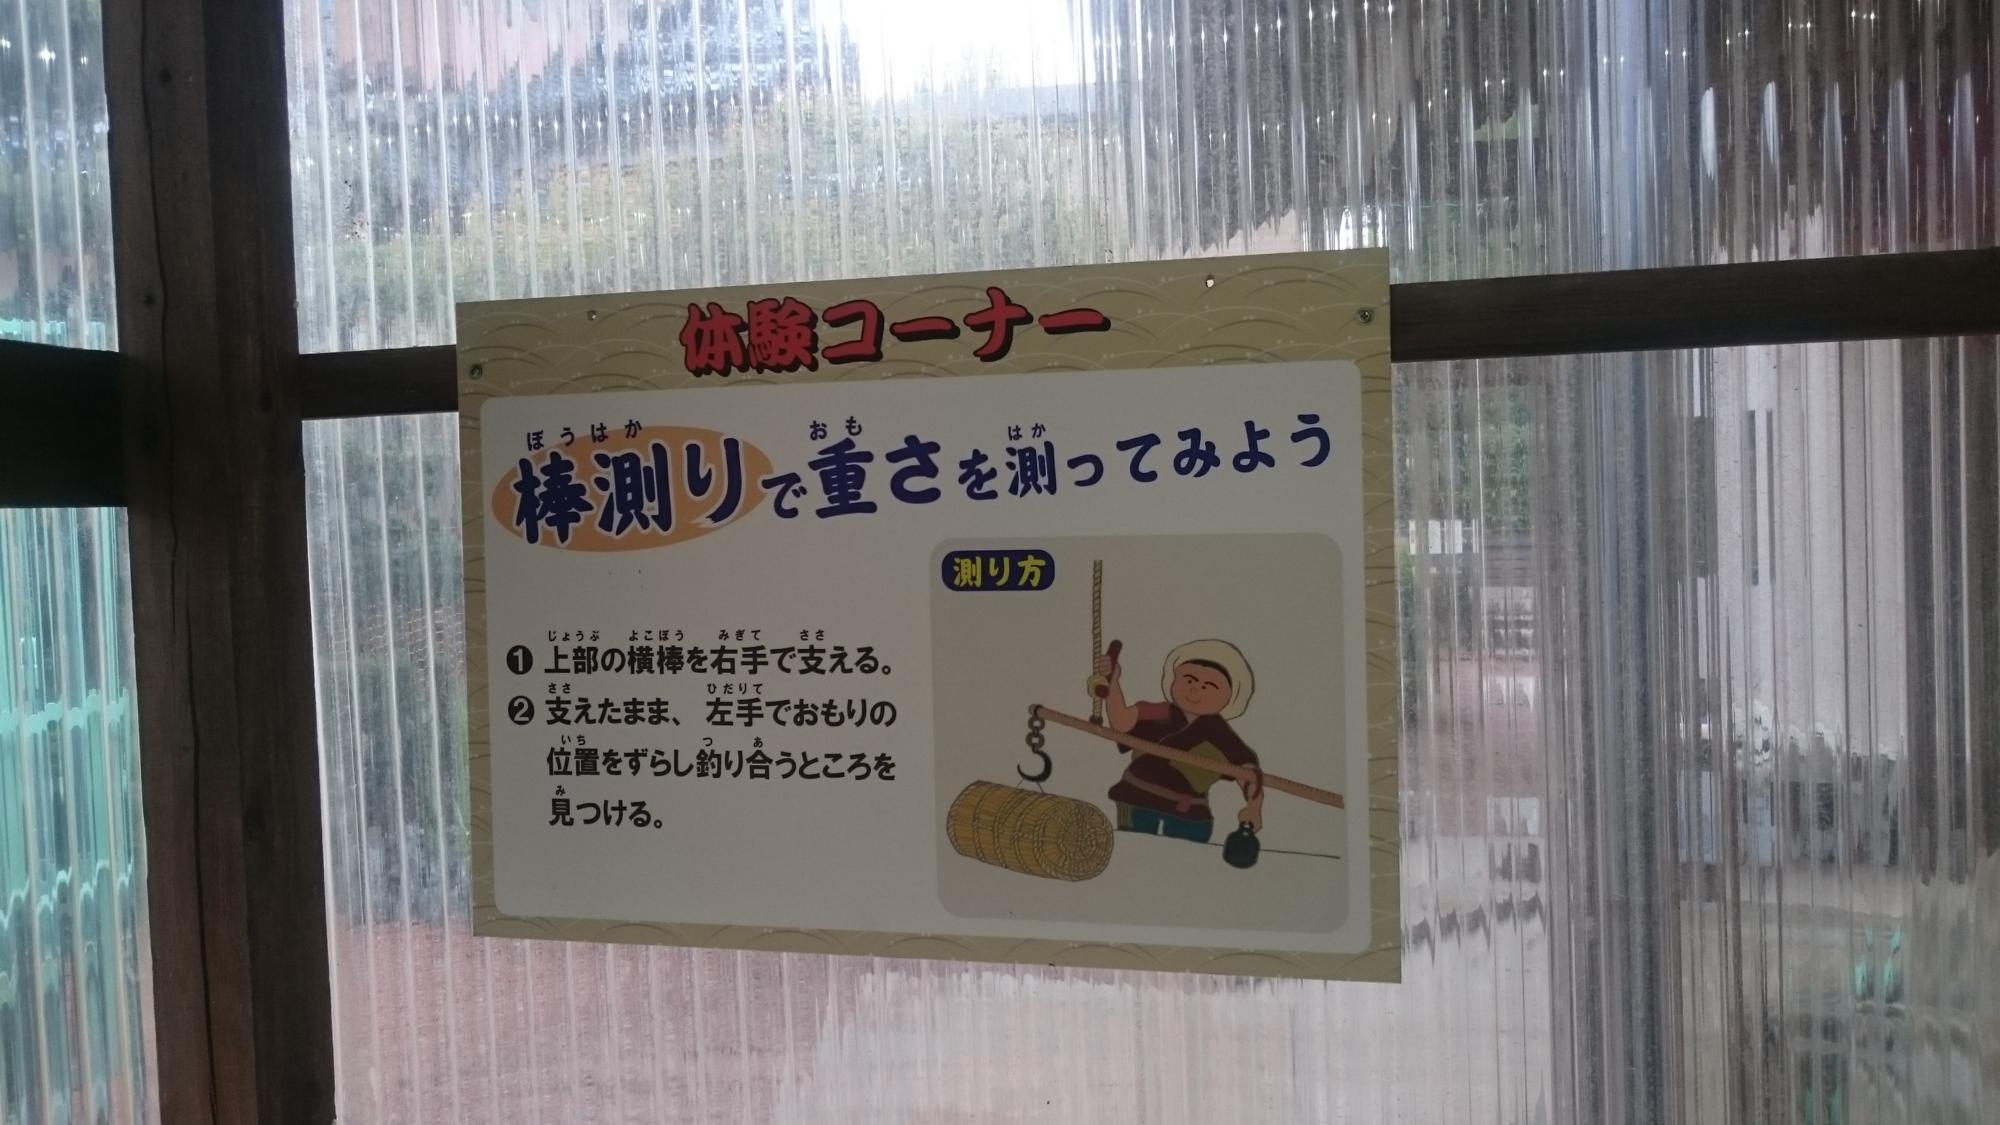 三富今昔村おもしろ館 棒はかり体験コーナー